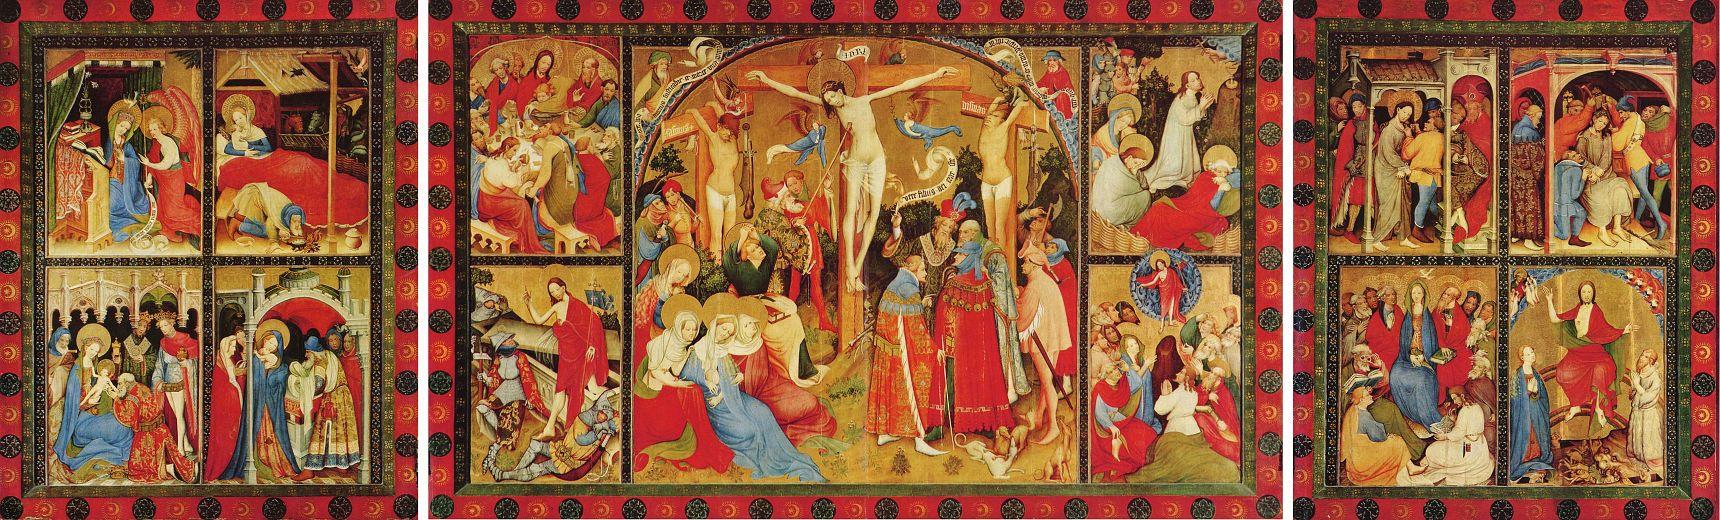 Конрад фон Зост. Алтарь Страстей Христовых. Вильдунгенский алтарь, общий вид